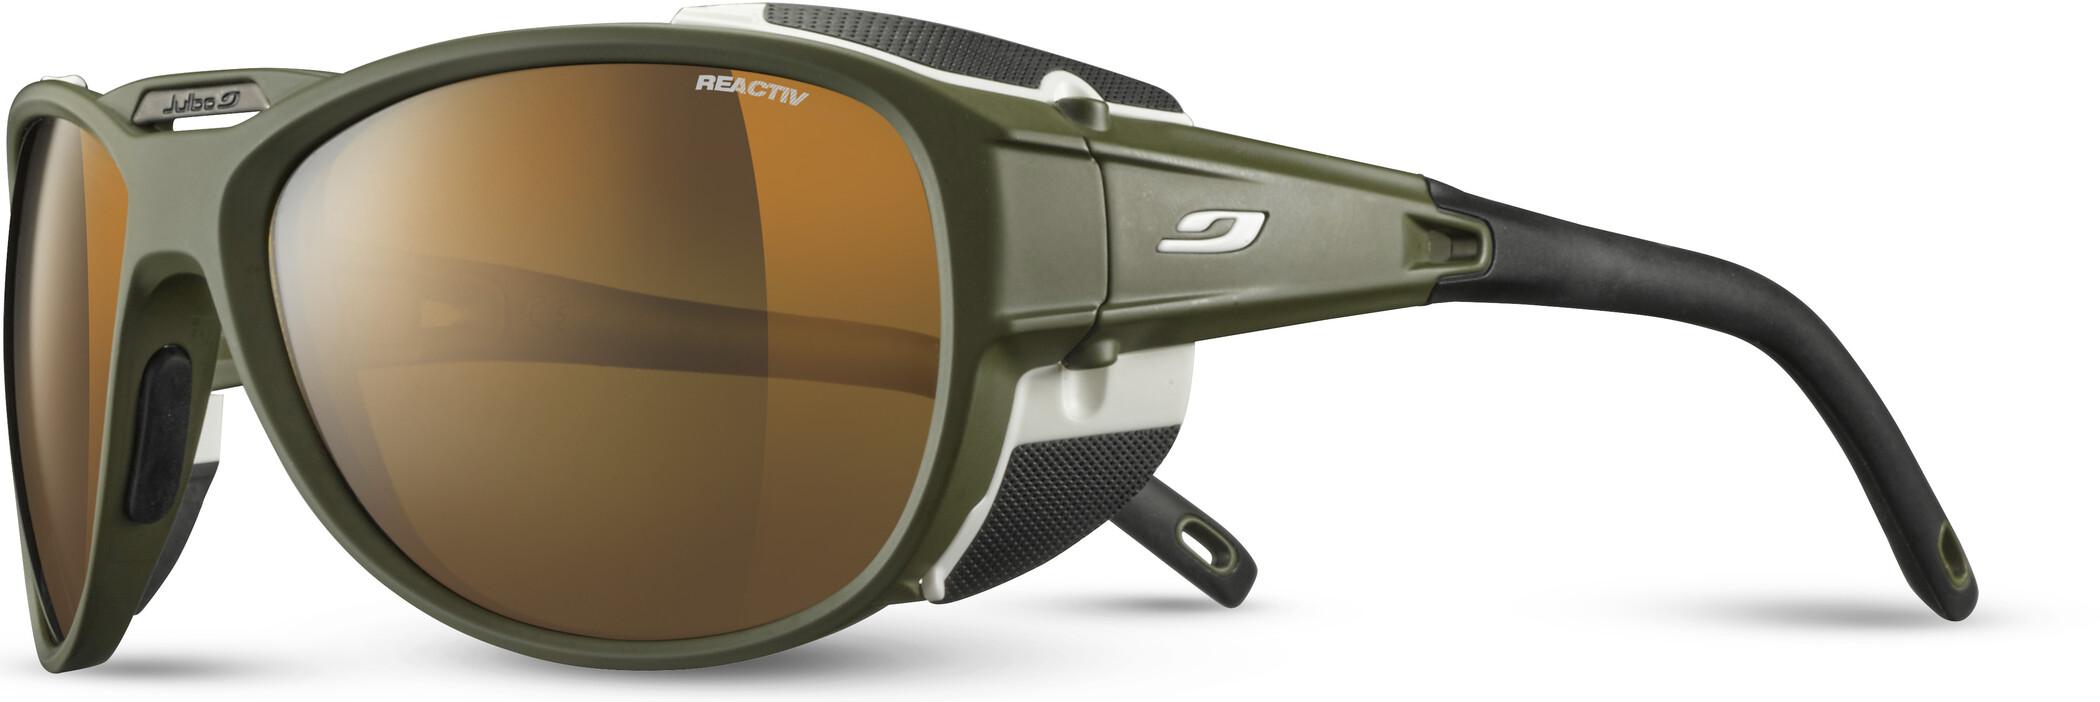 Julbo Explorer 2.0 Cameleon Solbriller, khaki | Briller